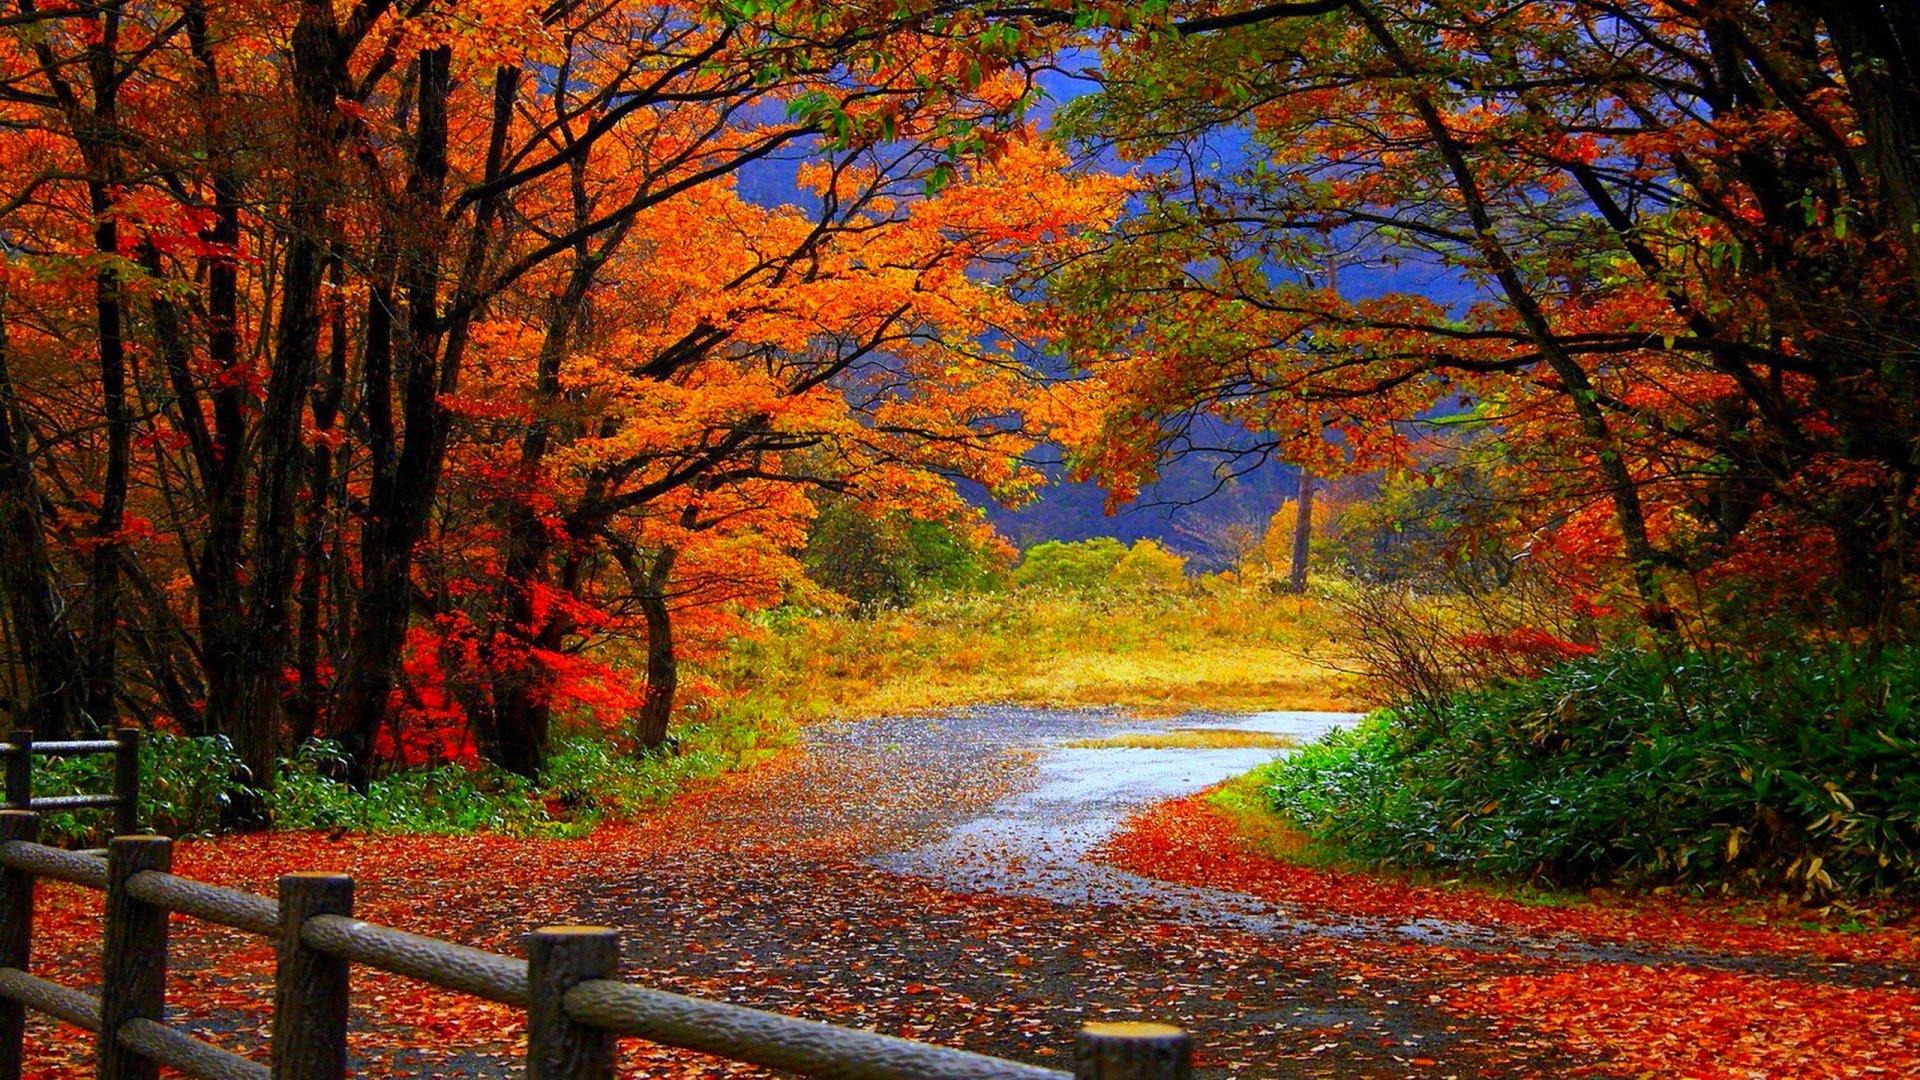 Fall Foliage Wallpapers HD | PixelsTalk Net